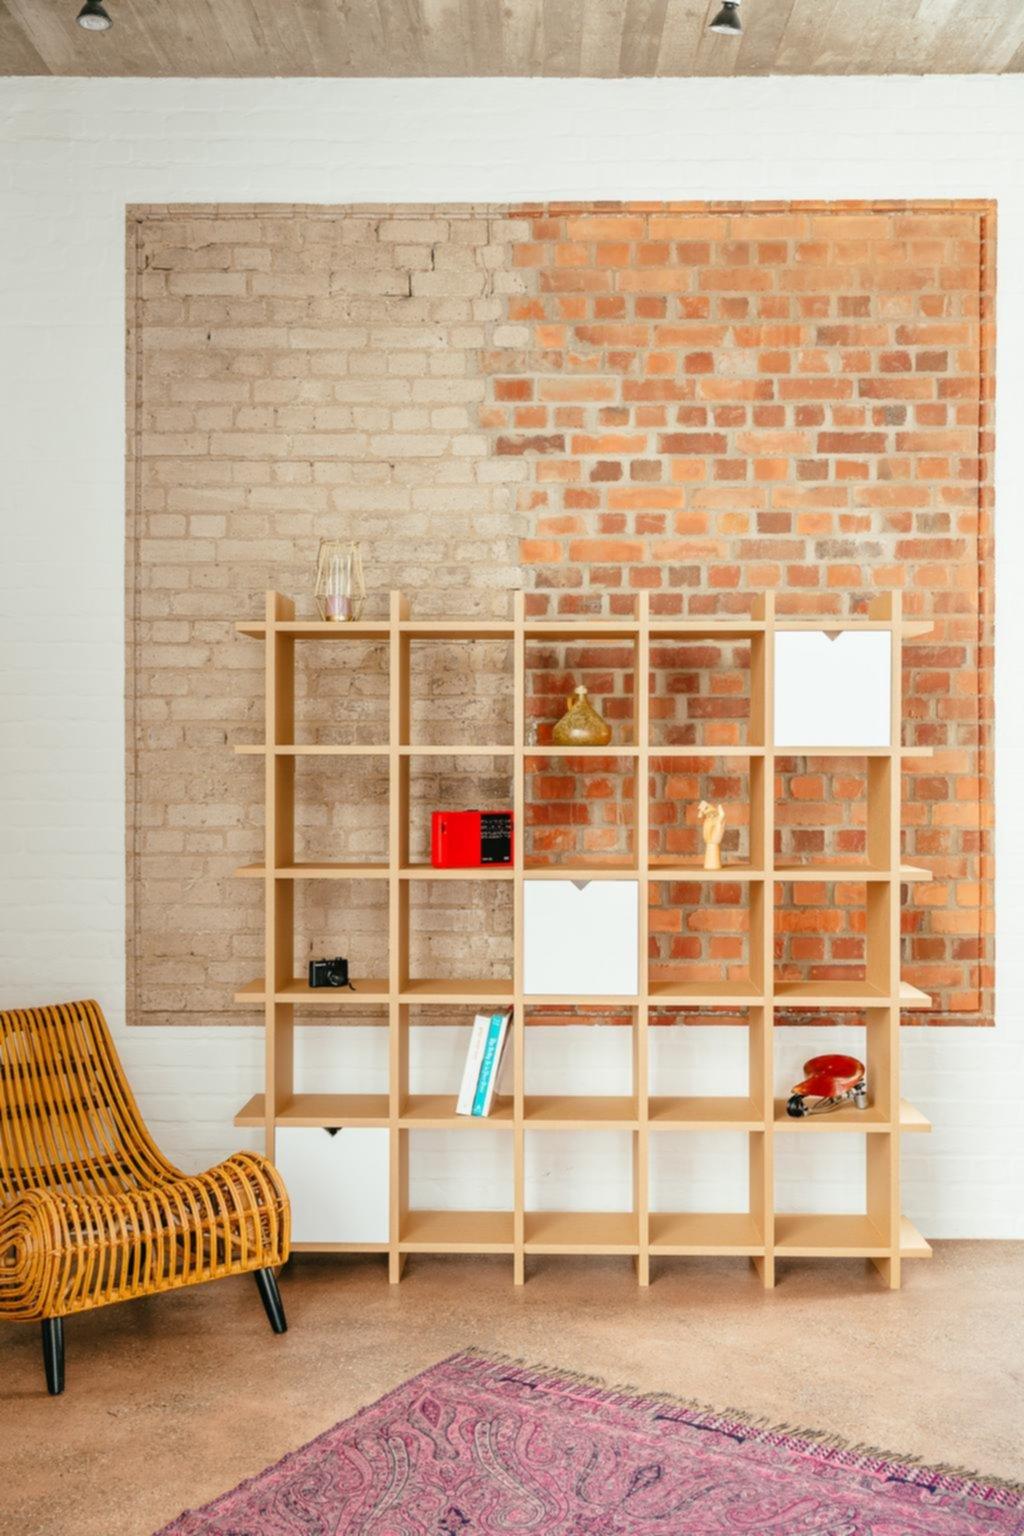 Cartón pintado: los muebles sustentables llegaron para quedarse